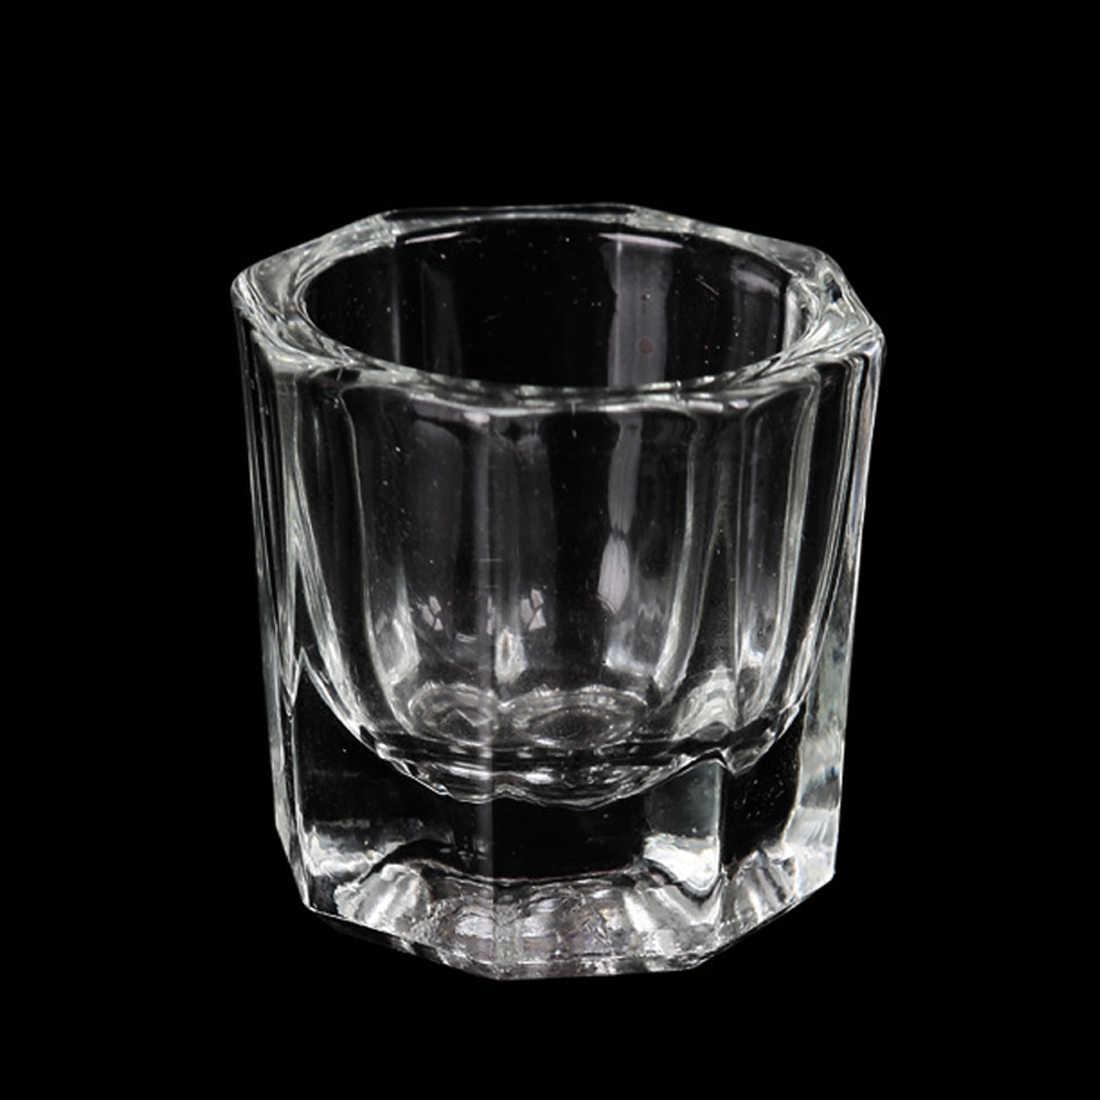 أعلى بيع مسمار أدوات الكريستال مسمار الزجاج مثمنة الكريستال كوب نظارات السائل كأس مسمار الفن أدوات